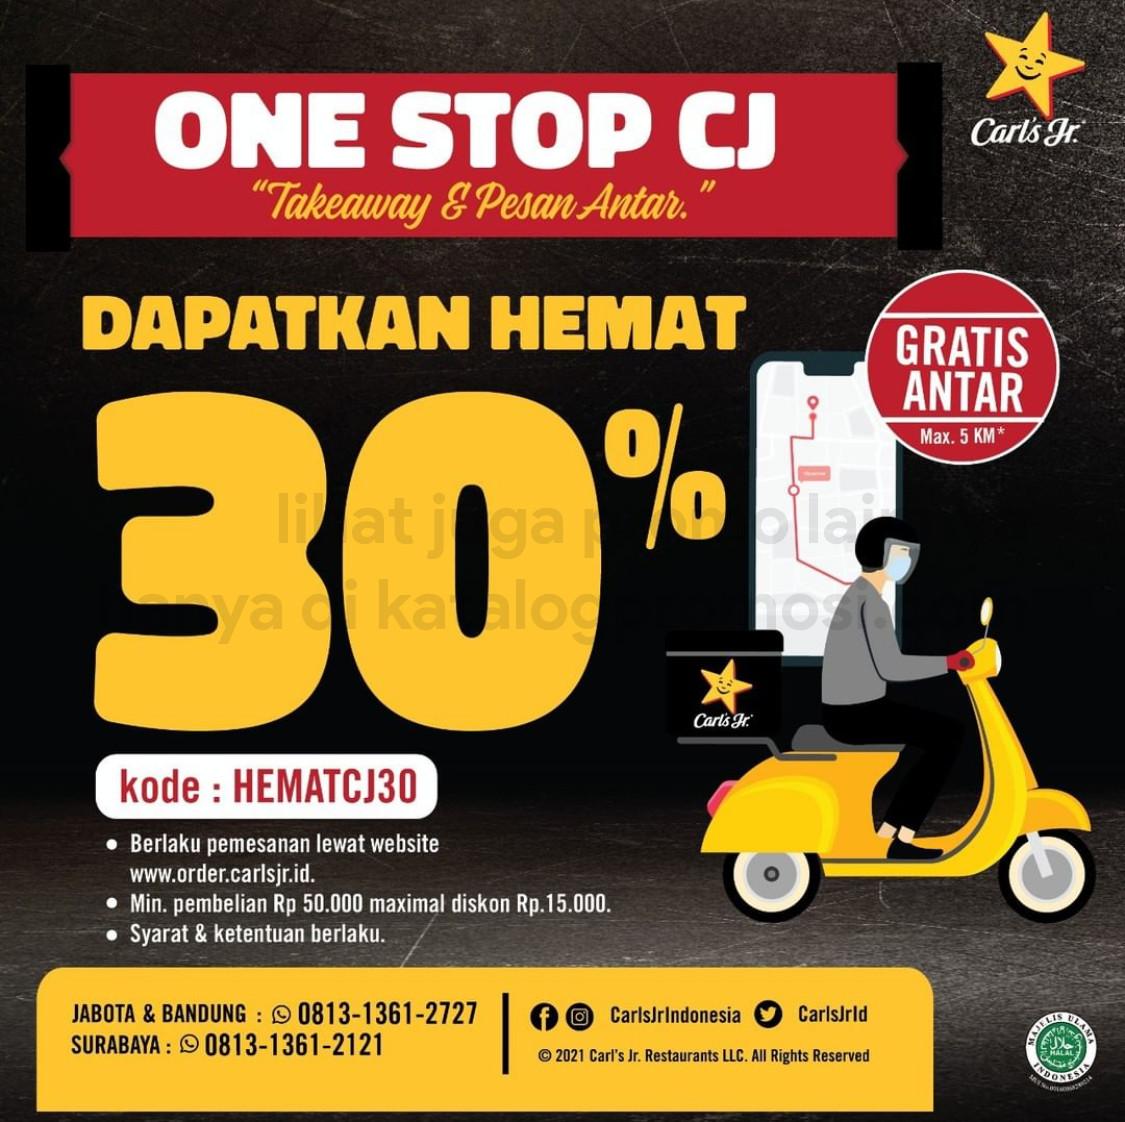 Promo Carl's Jr DISKON 30% untuk pemesanan lewat One Stop CJ!